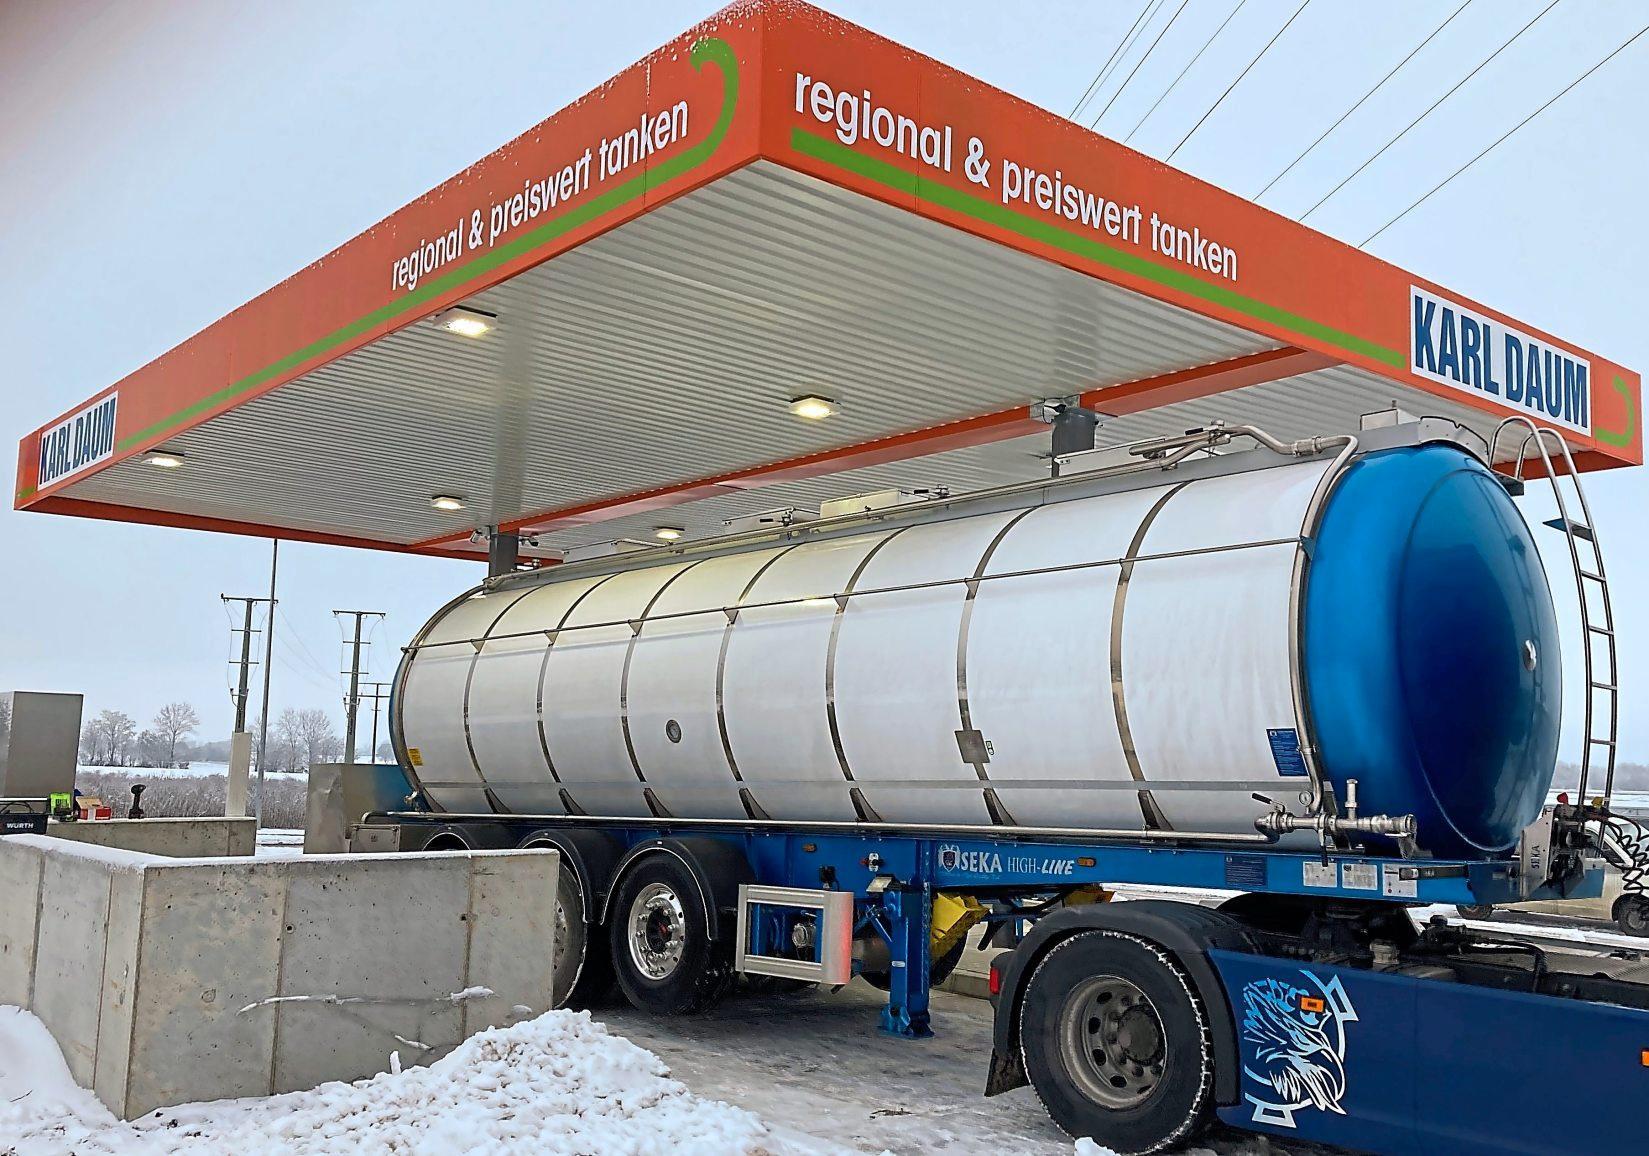 """""""Regional & preiswert tanken"""" ist das Motto der neuen 24-Stunden-Tankstelle im interkommunalen Gewerbegebiet Preith. Die Firma Karl Daum hat sie nach modernsten Kriterien errichtet. Fotos: Bauer/Daum"""